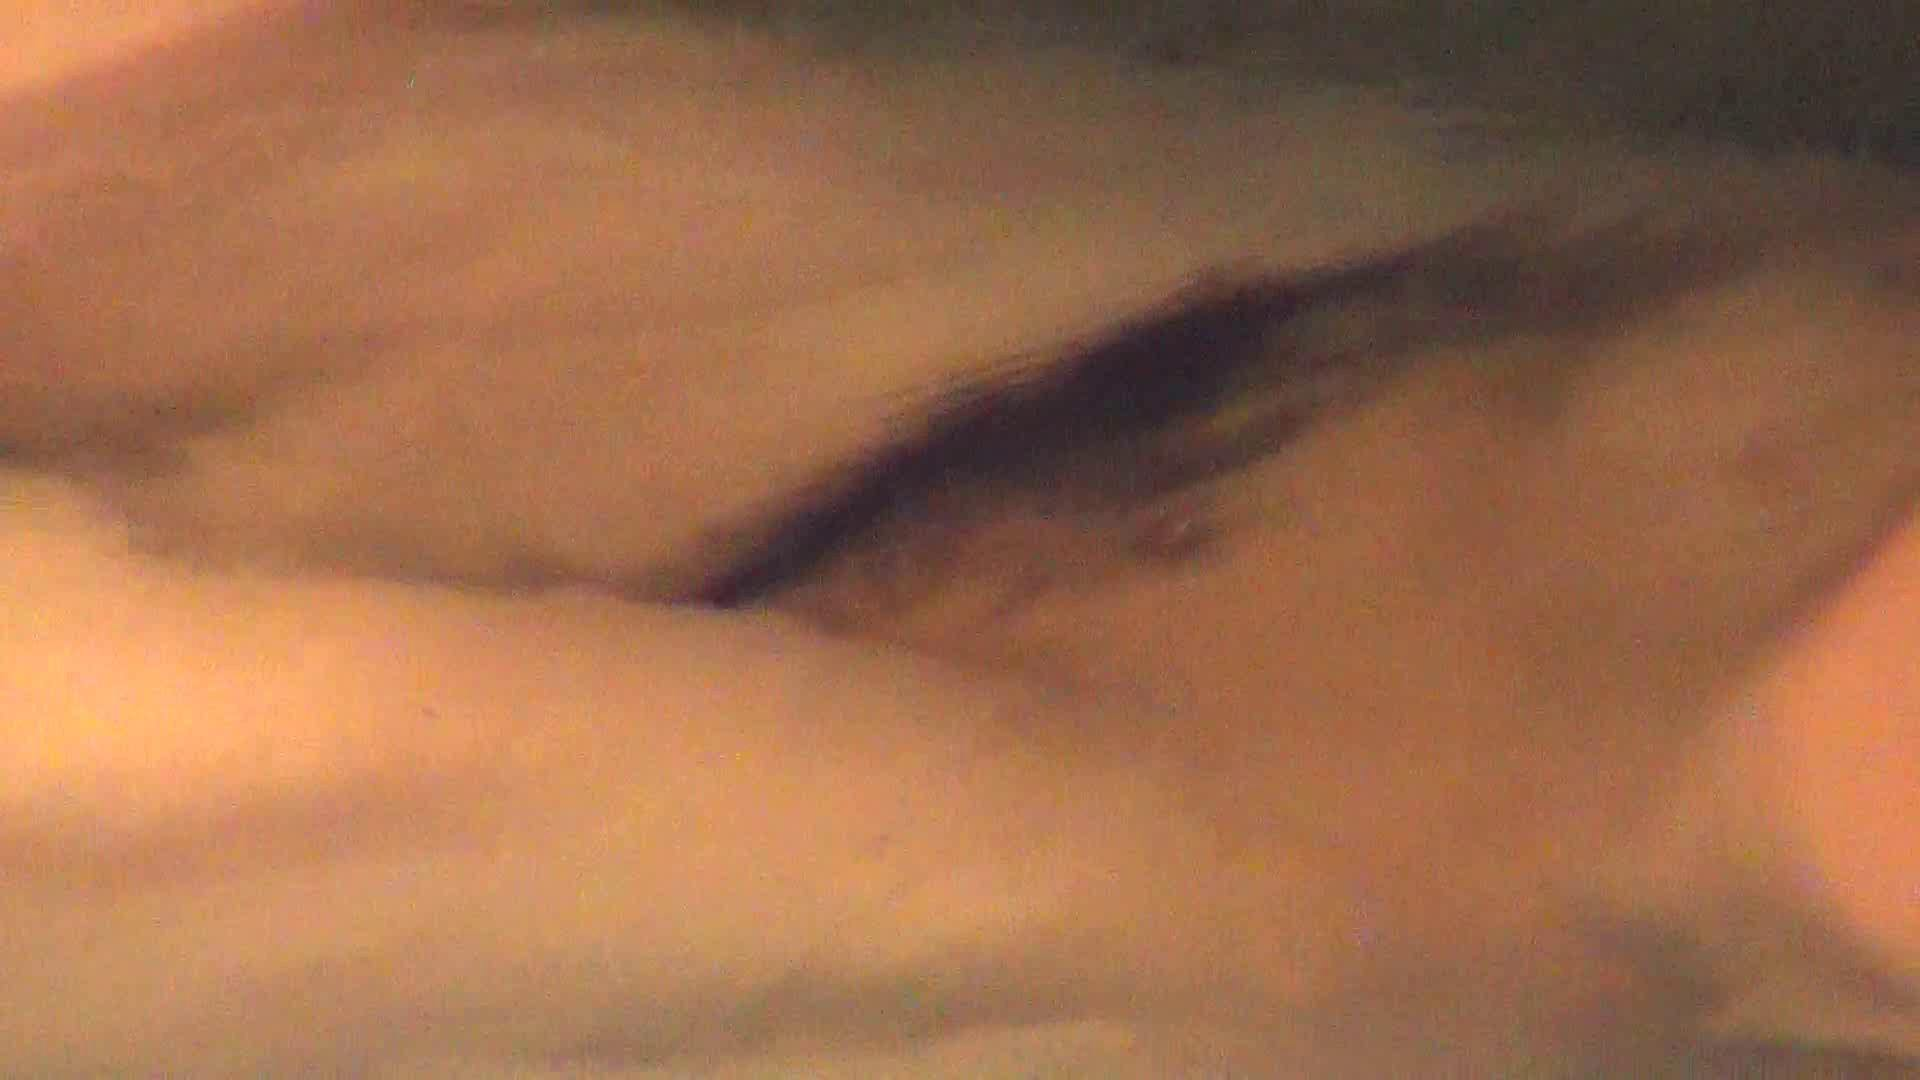 Aquaな露天風呂Vol.275 美しいOLの裸体   盗撮師作品  79pic 10